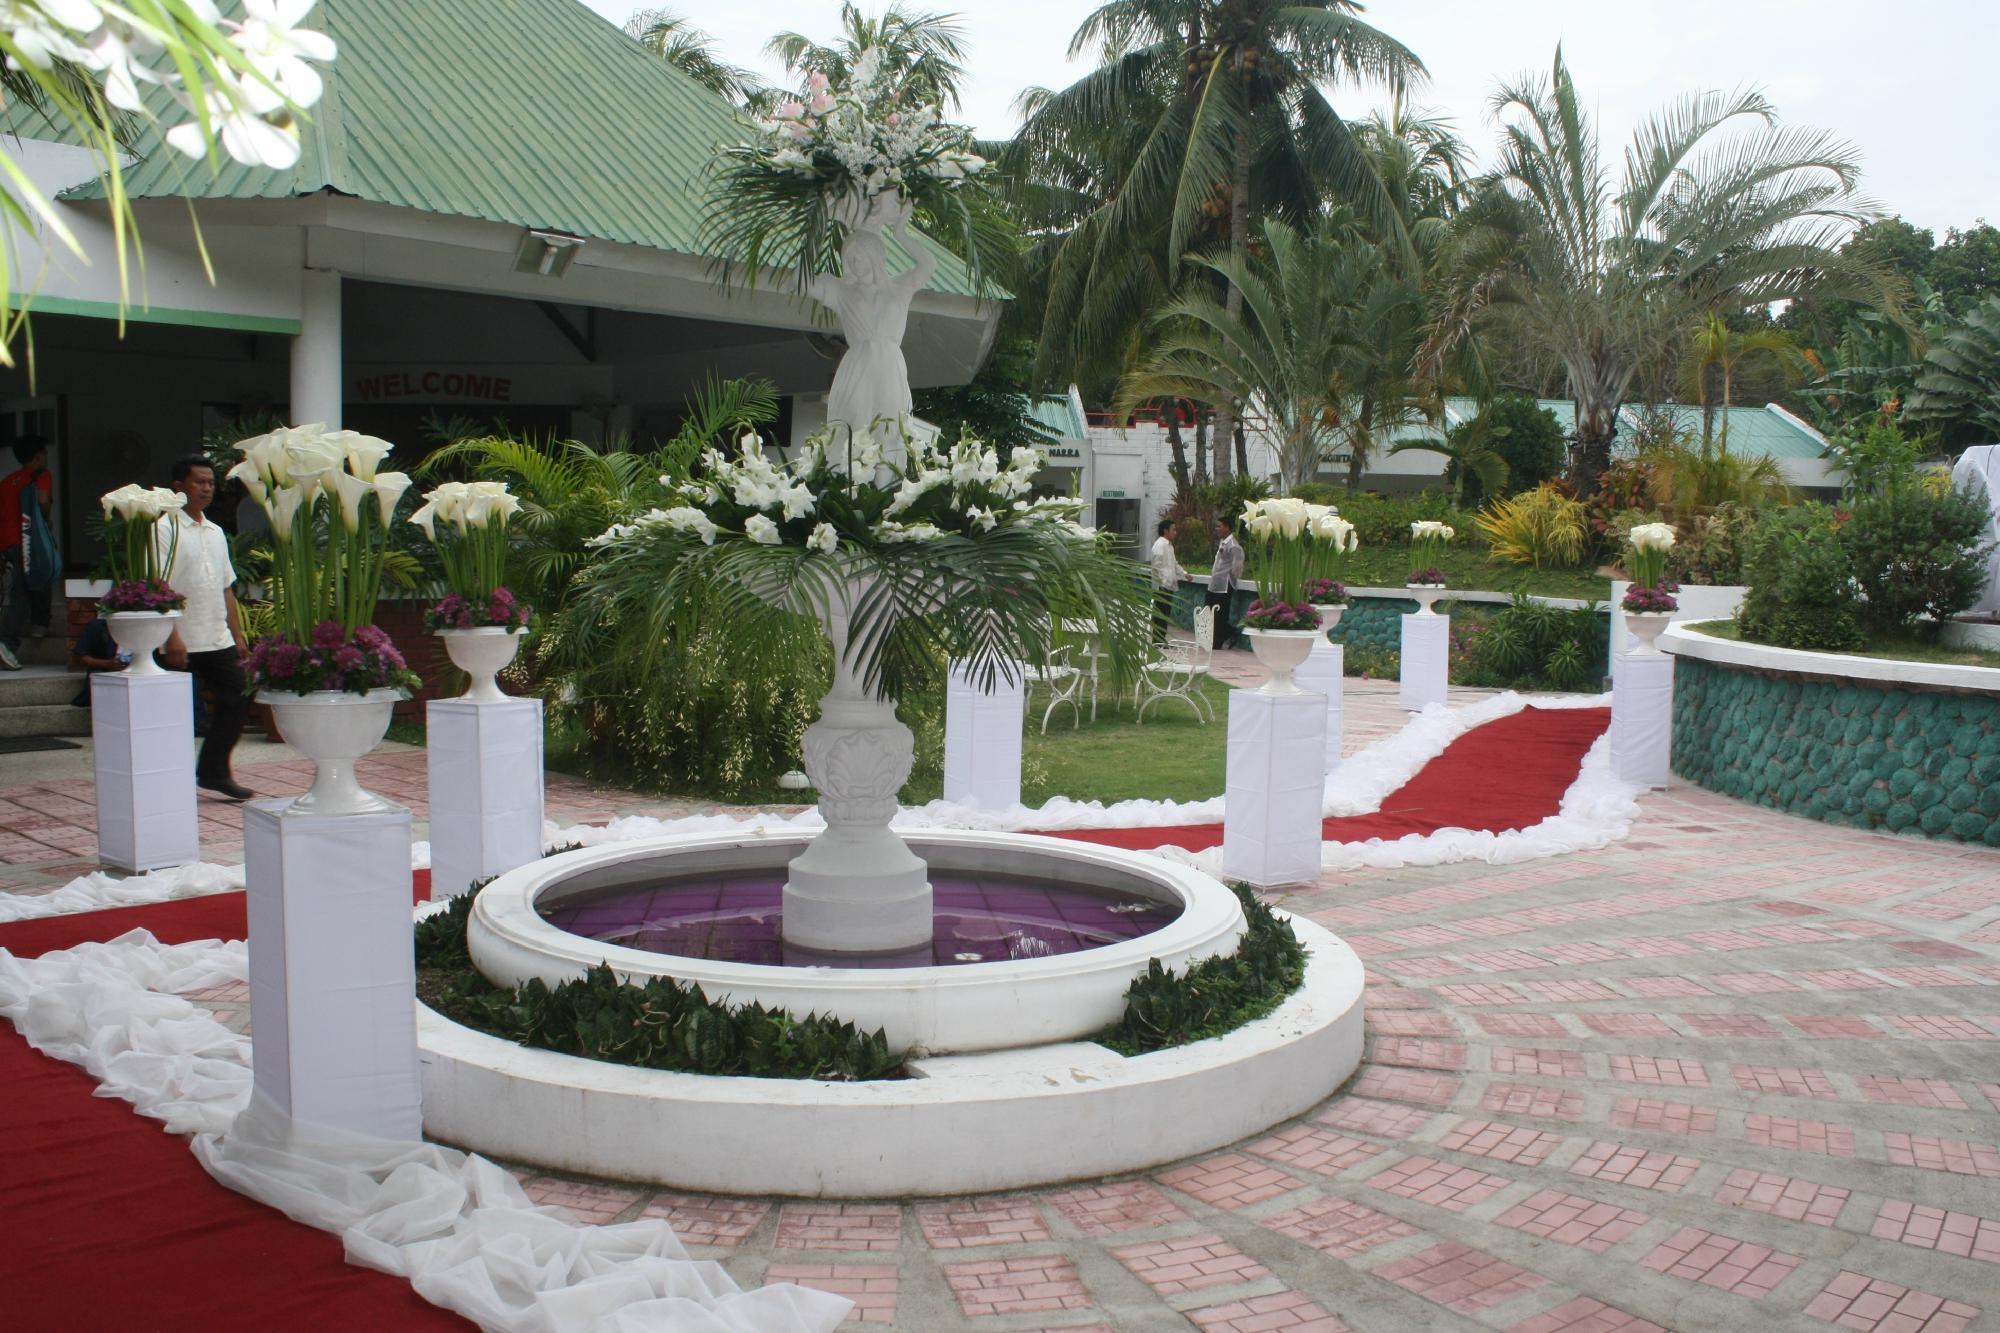 El Oriente Beach Resort